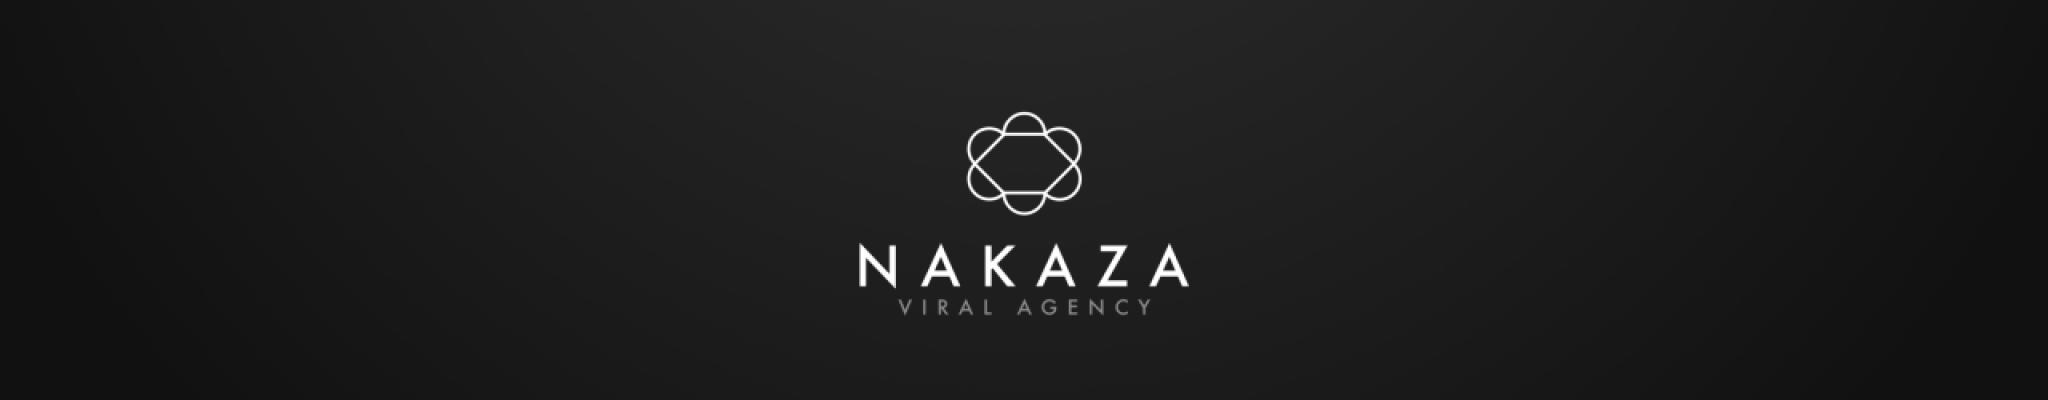 nakaza logo 2